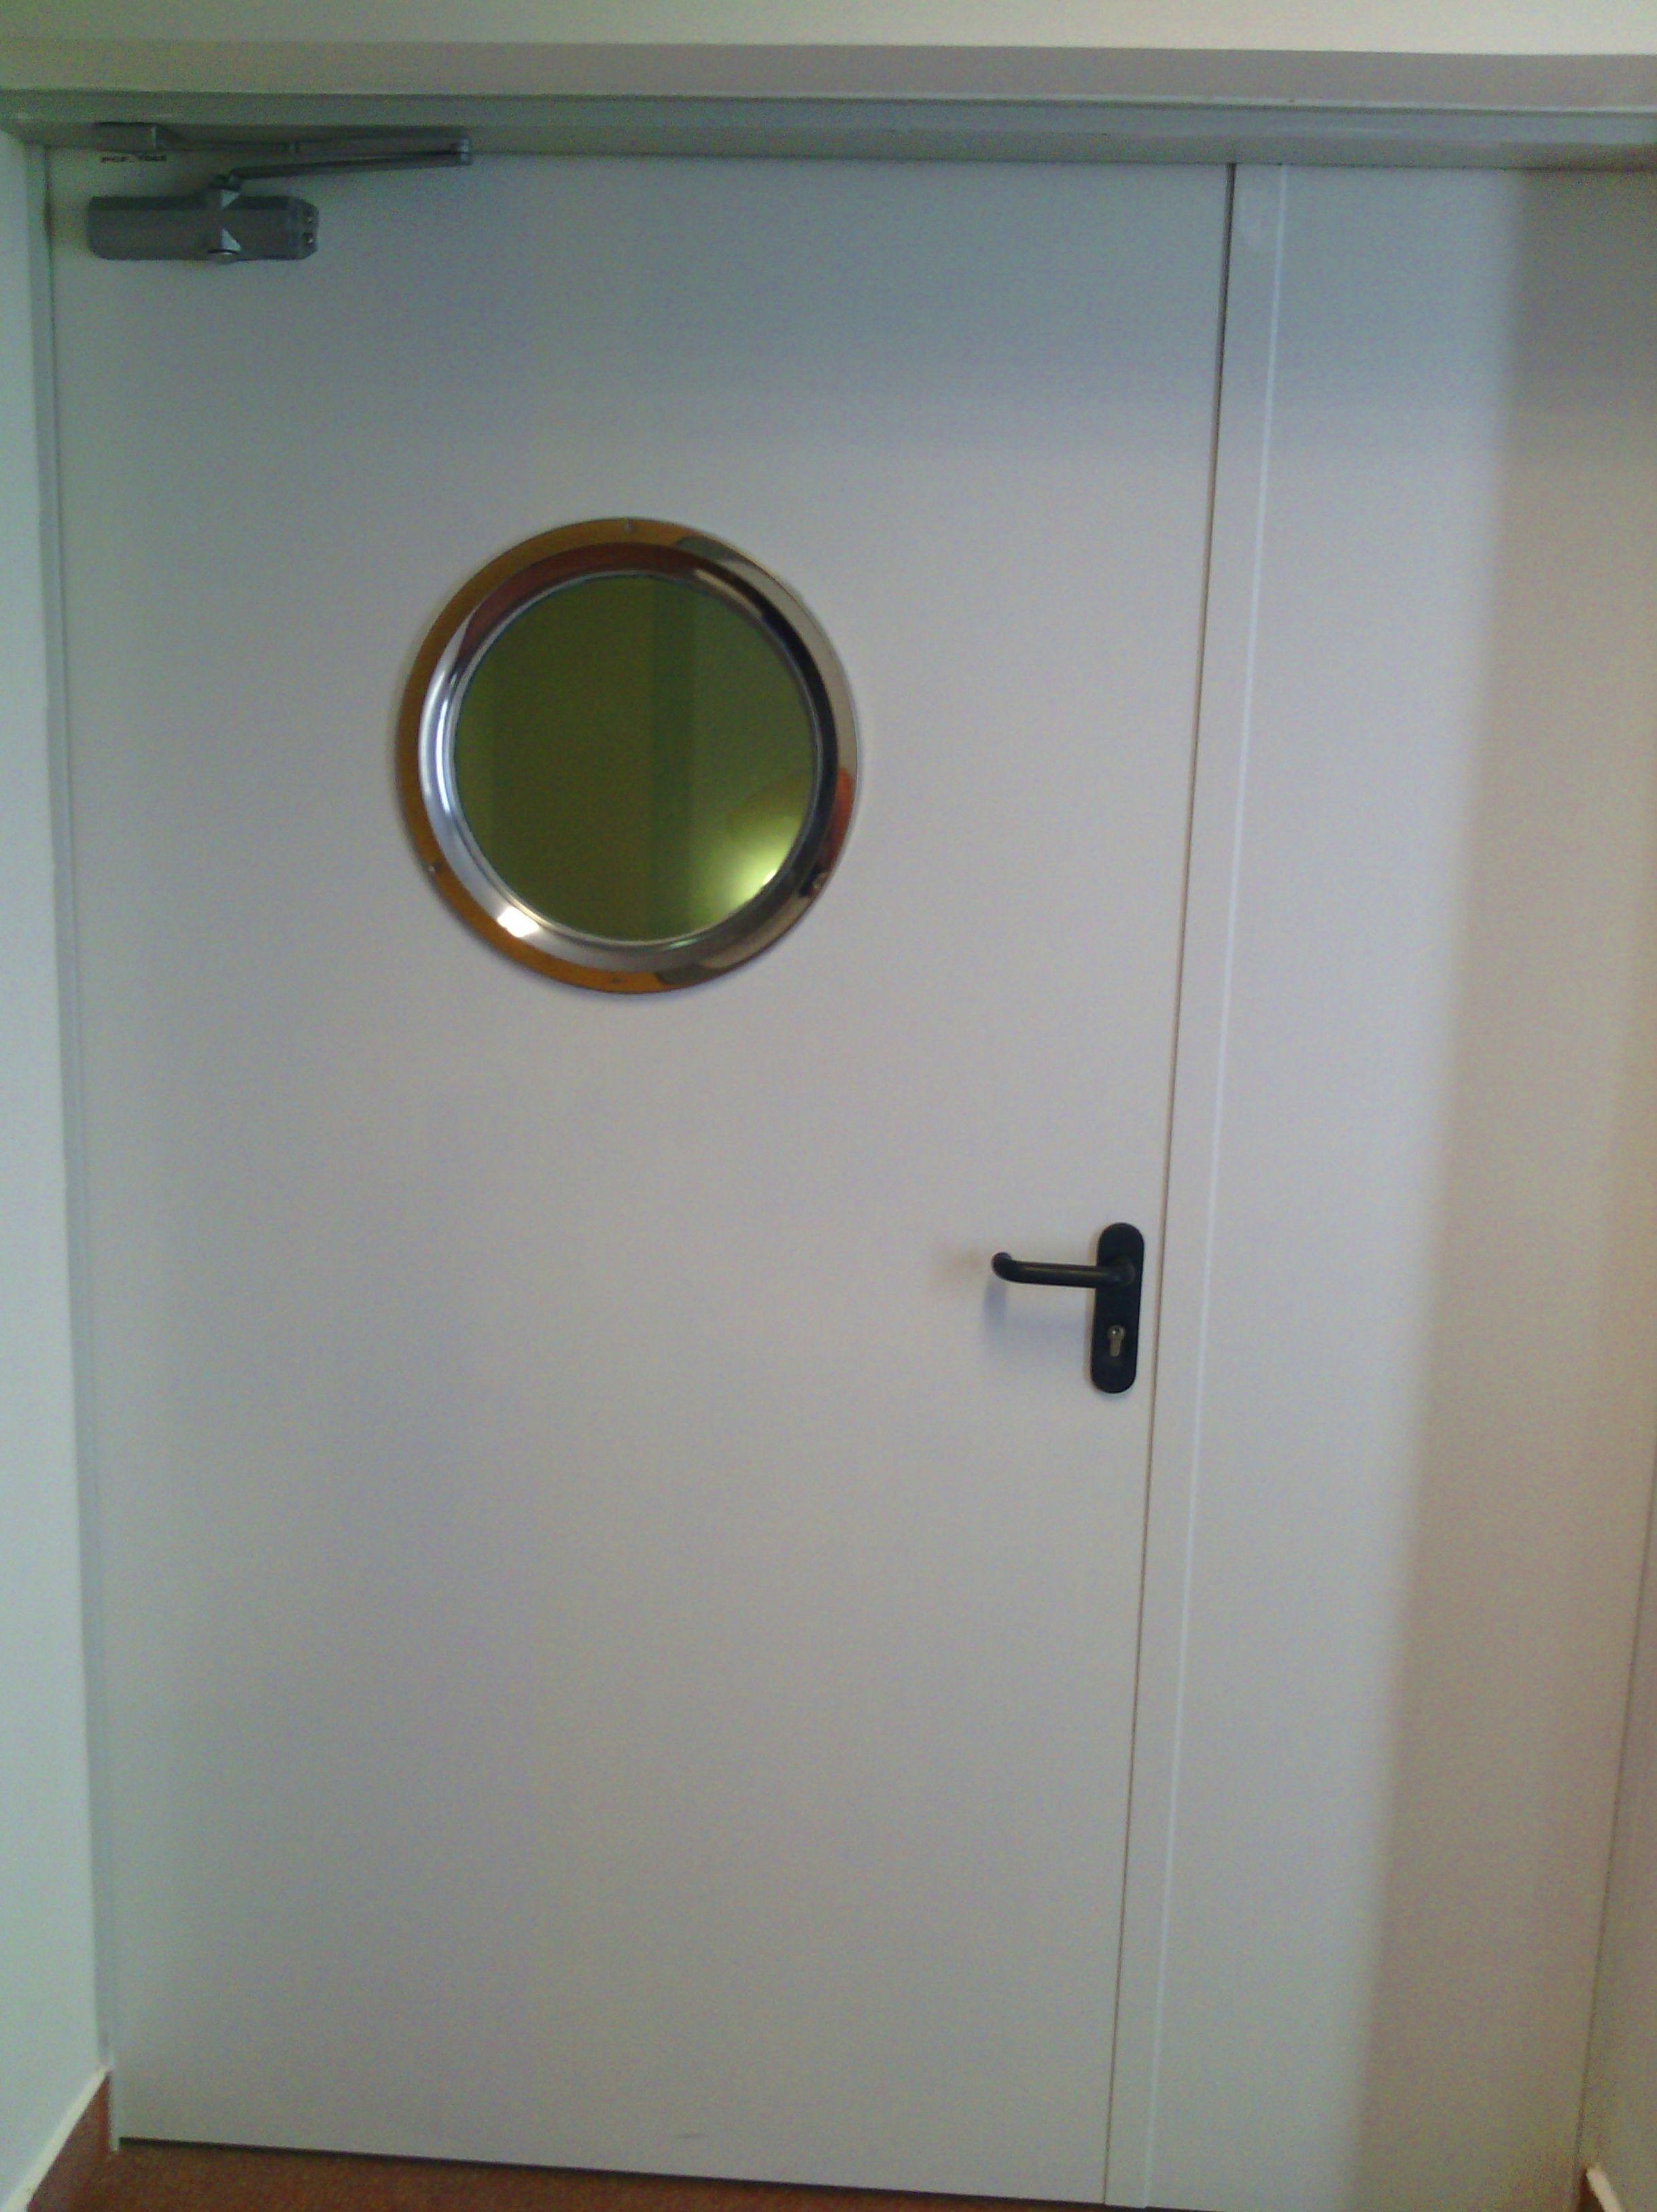 Puerta batiente cortafuegos con mirilla, fijo lateral y cierra puertas articulado